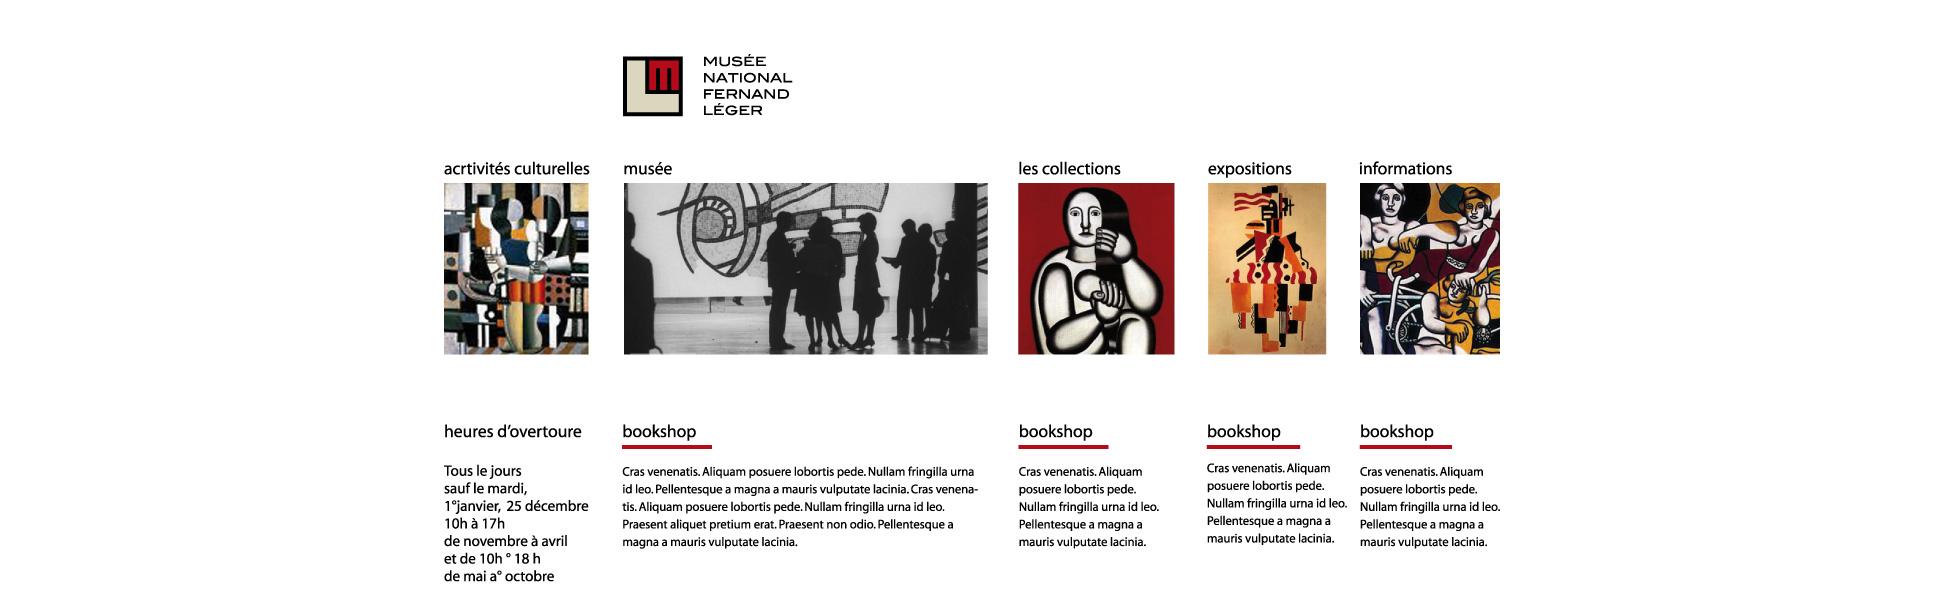 Progettazione di Logo, identità visiva, stampa e web per un Museo